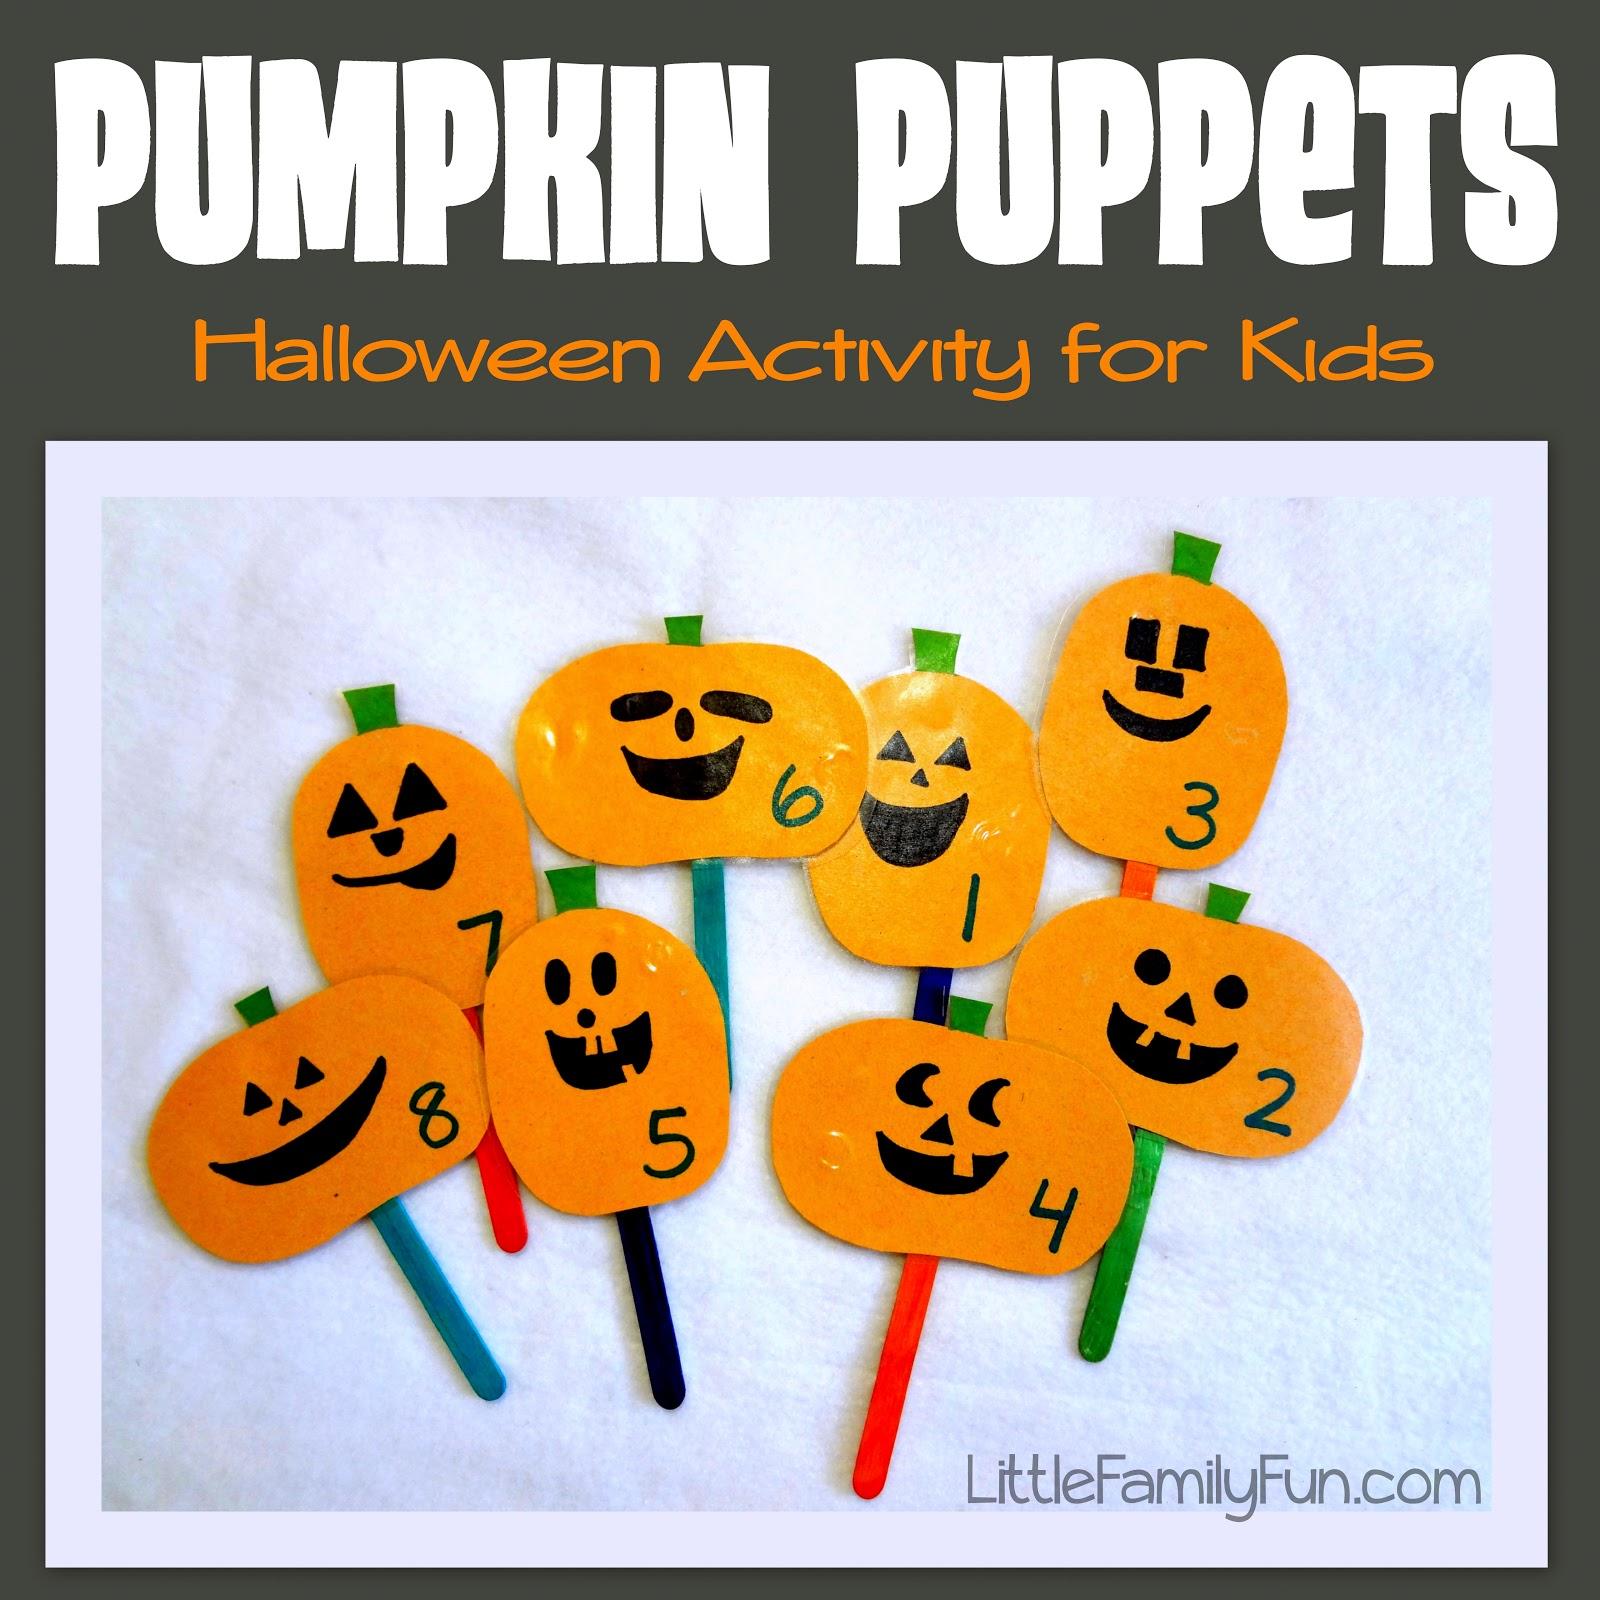 Little Family Fun Pumpkin Puppets